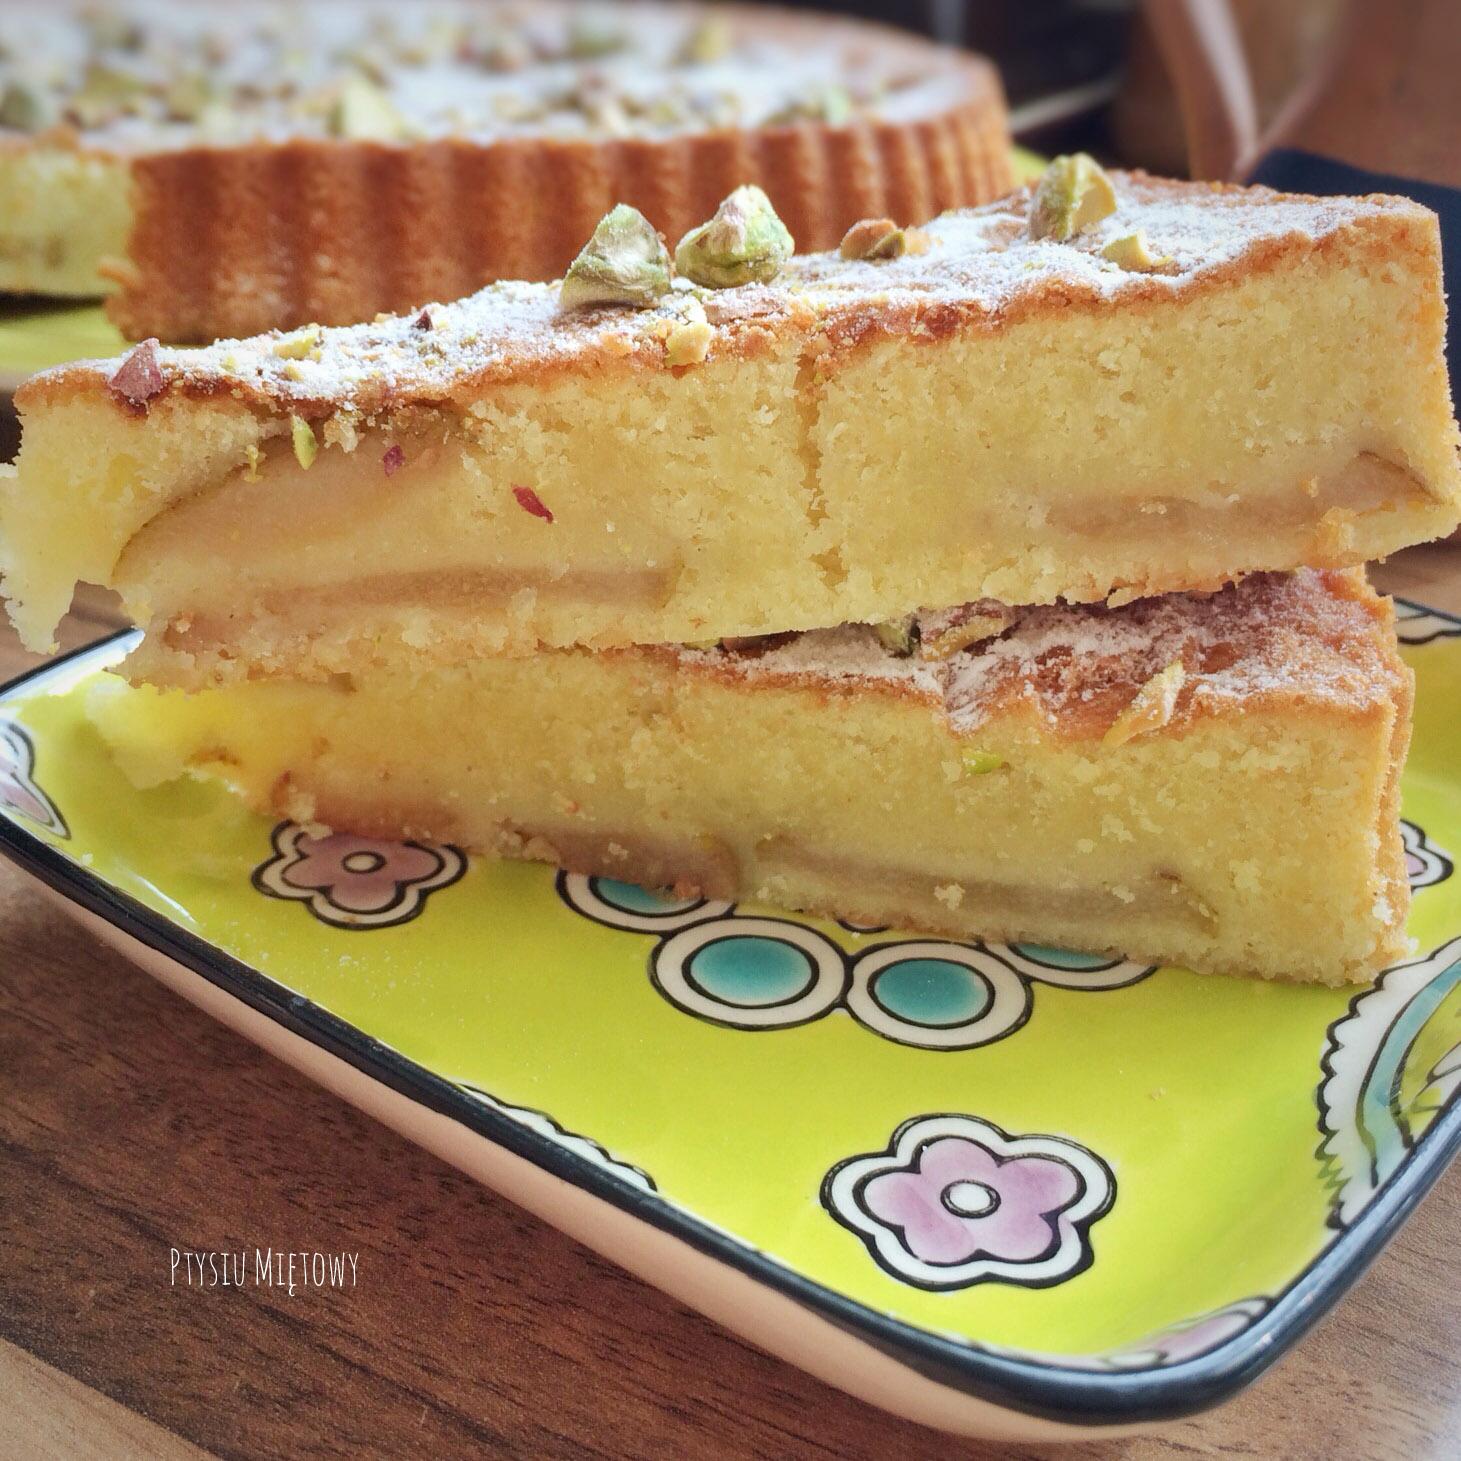 ciasto migdalowe z pistacjami i karmelizowana gruszka, ptysiu mietowy